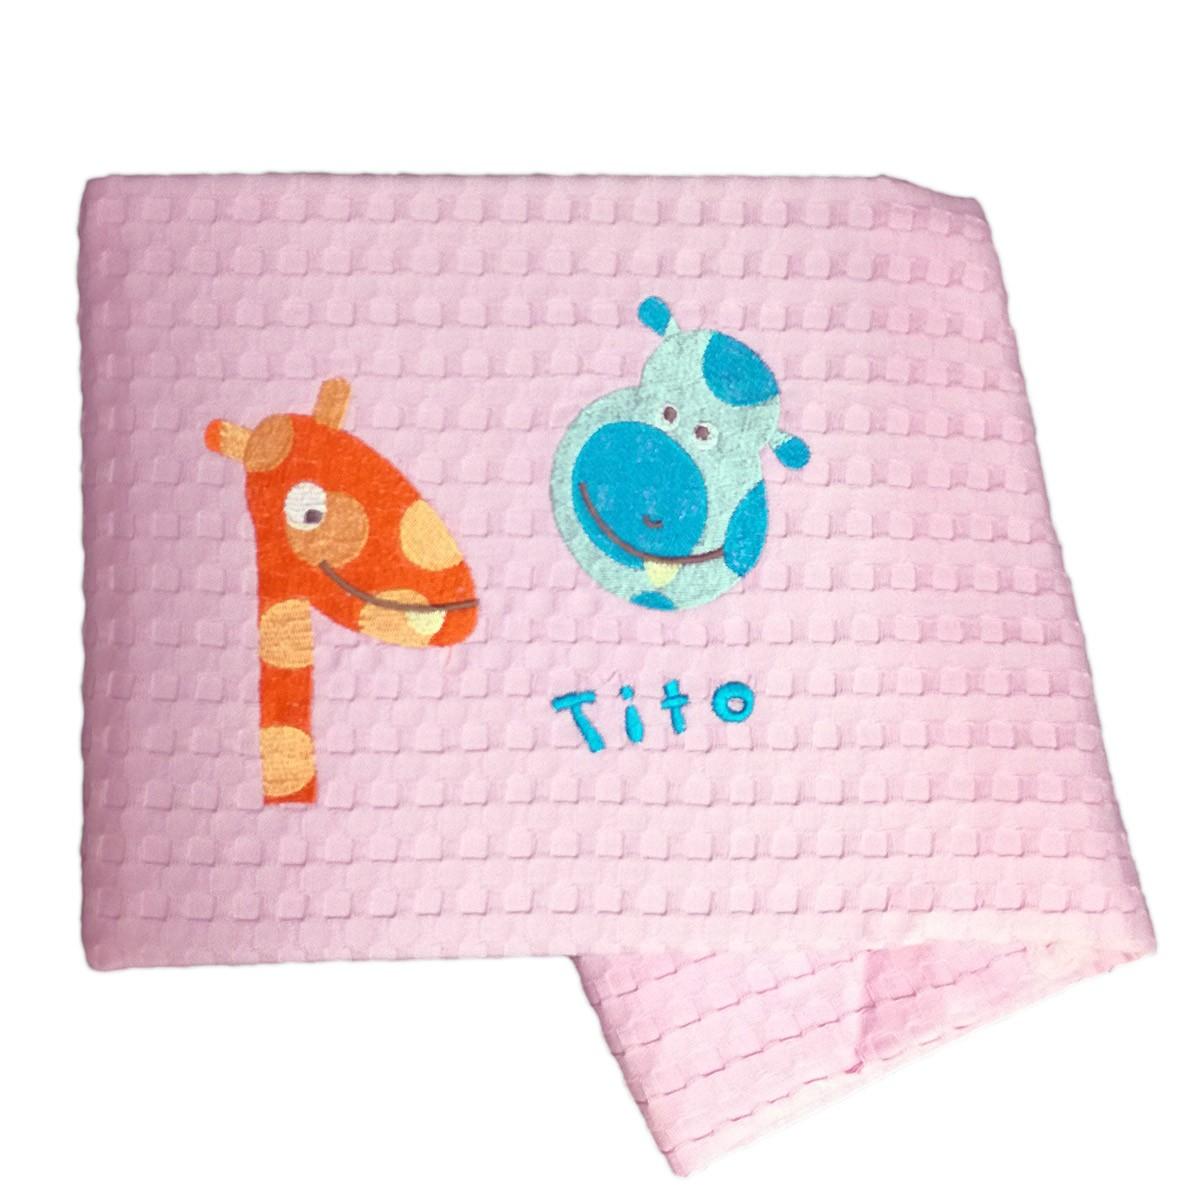 Κουβέρτα Πικέ Κούνιας Nima Juniors Tito 01 home   βρεφικά   κουβέρτες βρεφικές   κουβέρτες καλοκαιρινές